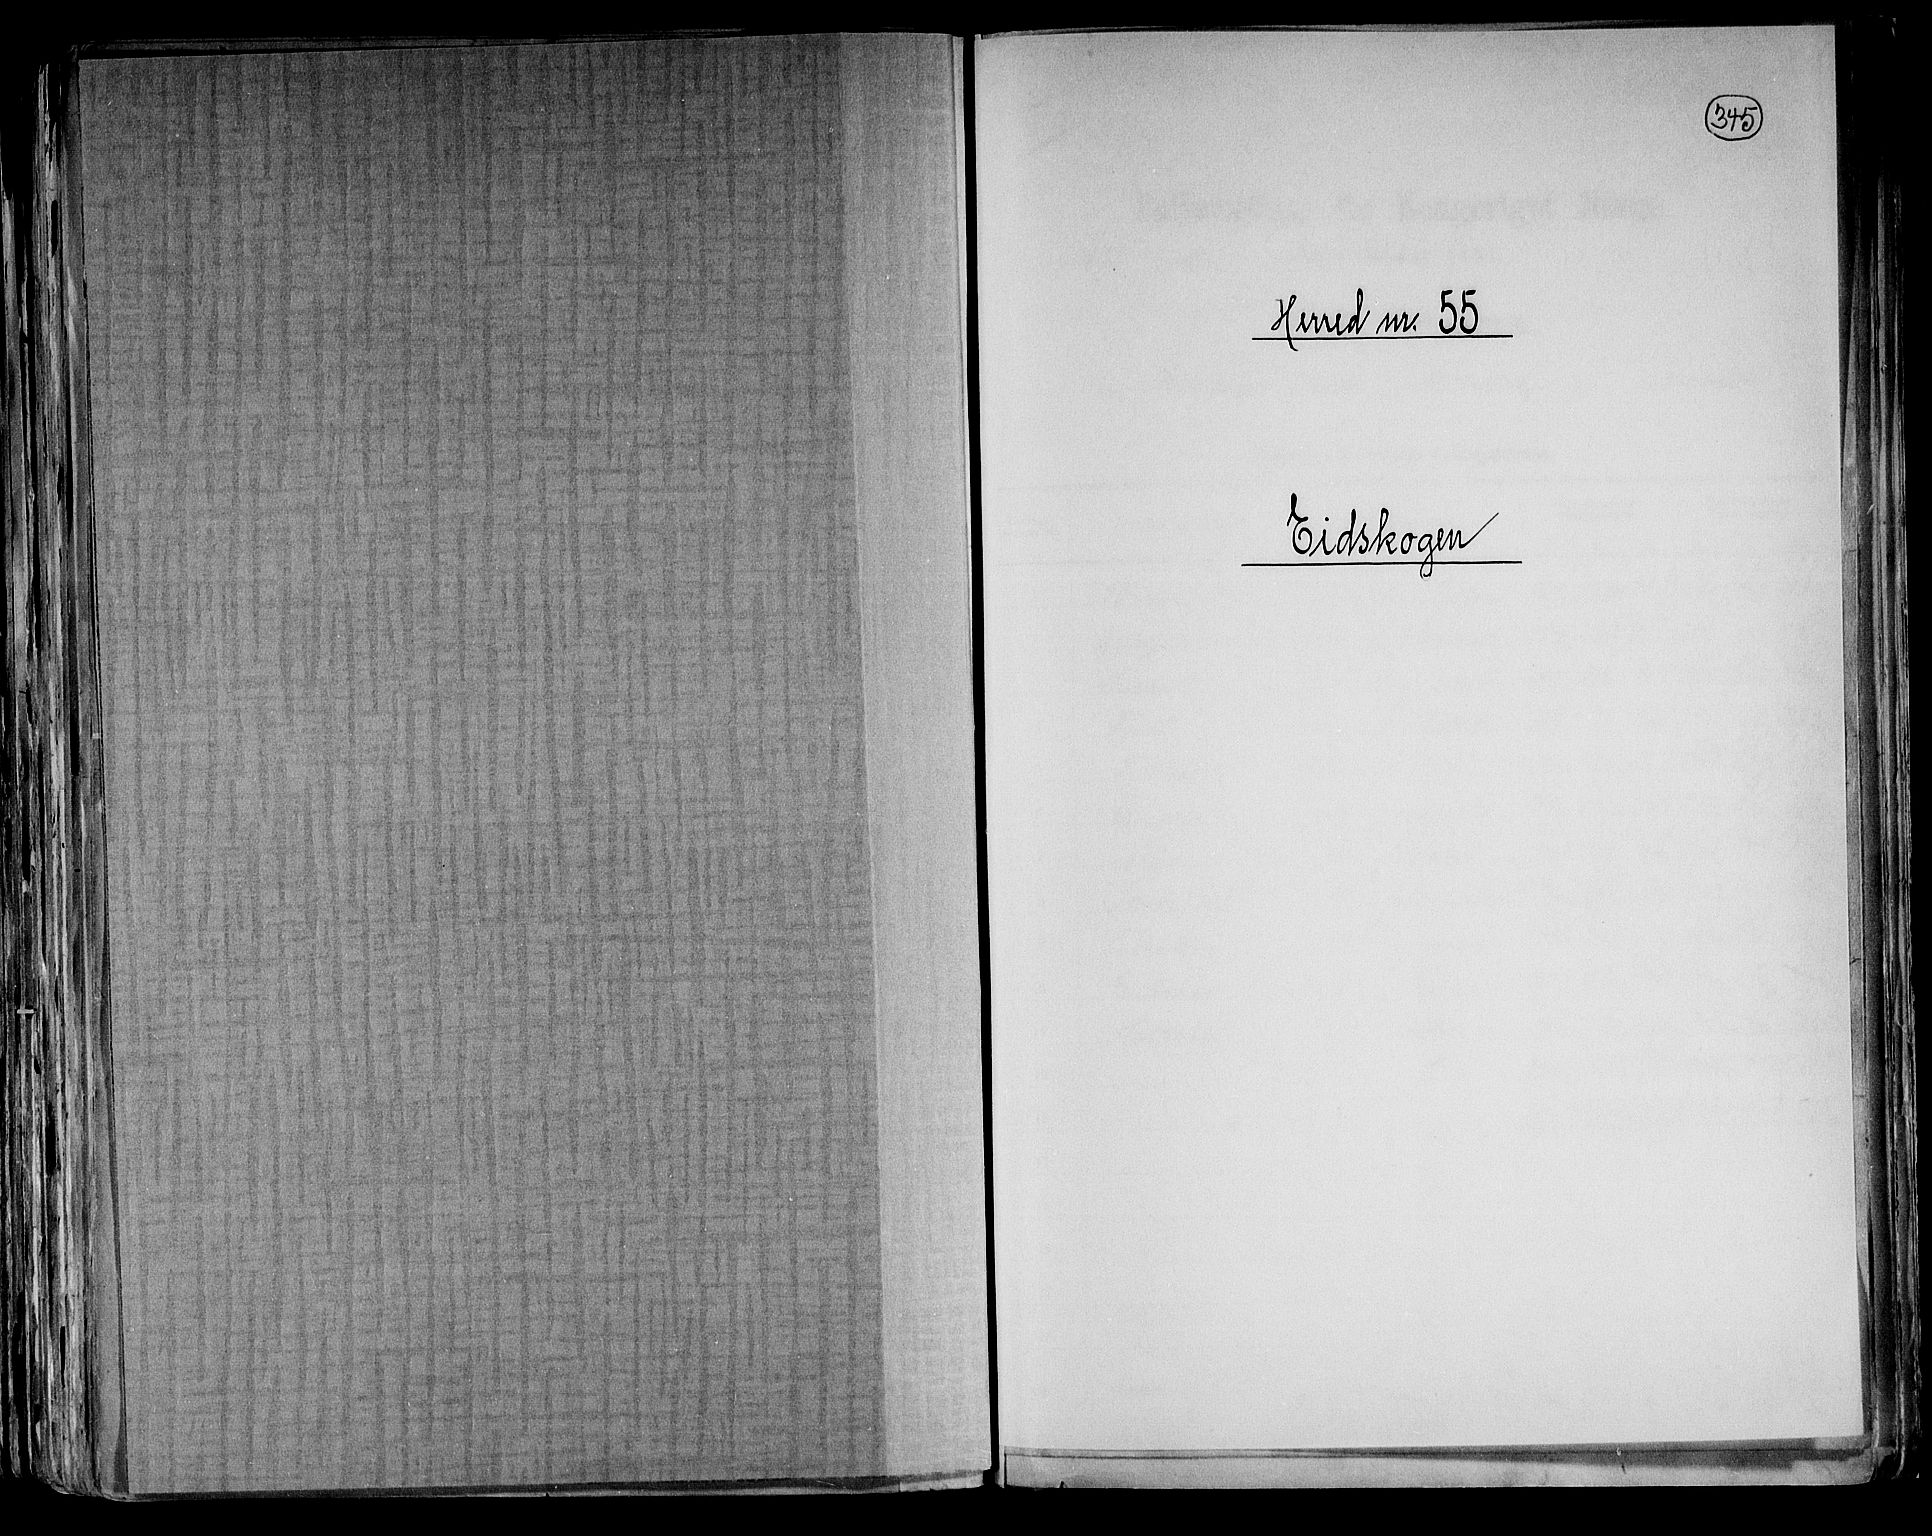 RA, Folketelling 1891 for 0420 Eidskog herred, 1891, s. 1